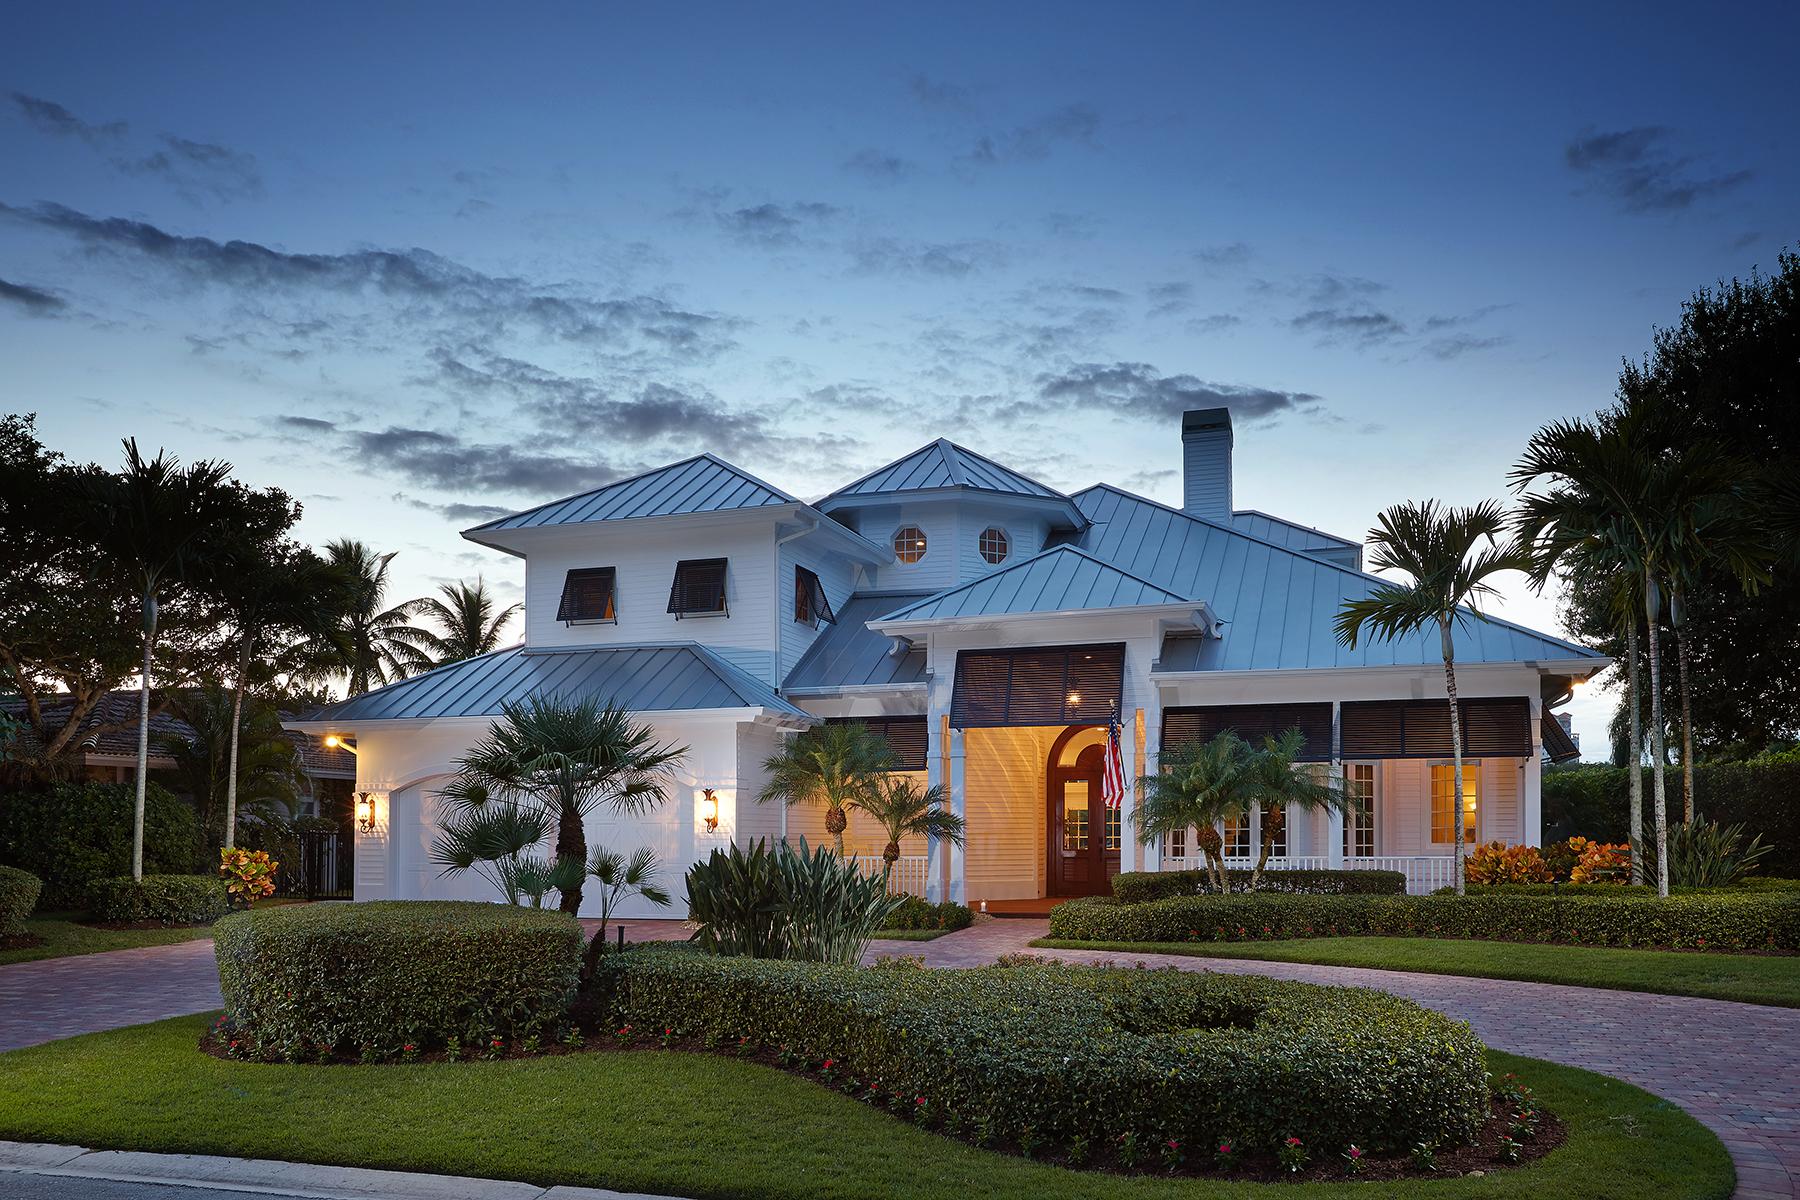 独户住宅 为 销售 在 PARK SHORE 4745 Whispering Pine Way 那不勒斯, 佛罗里达州, 34103 美国